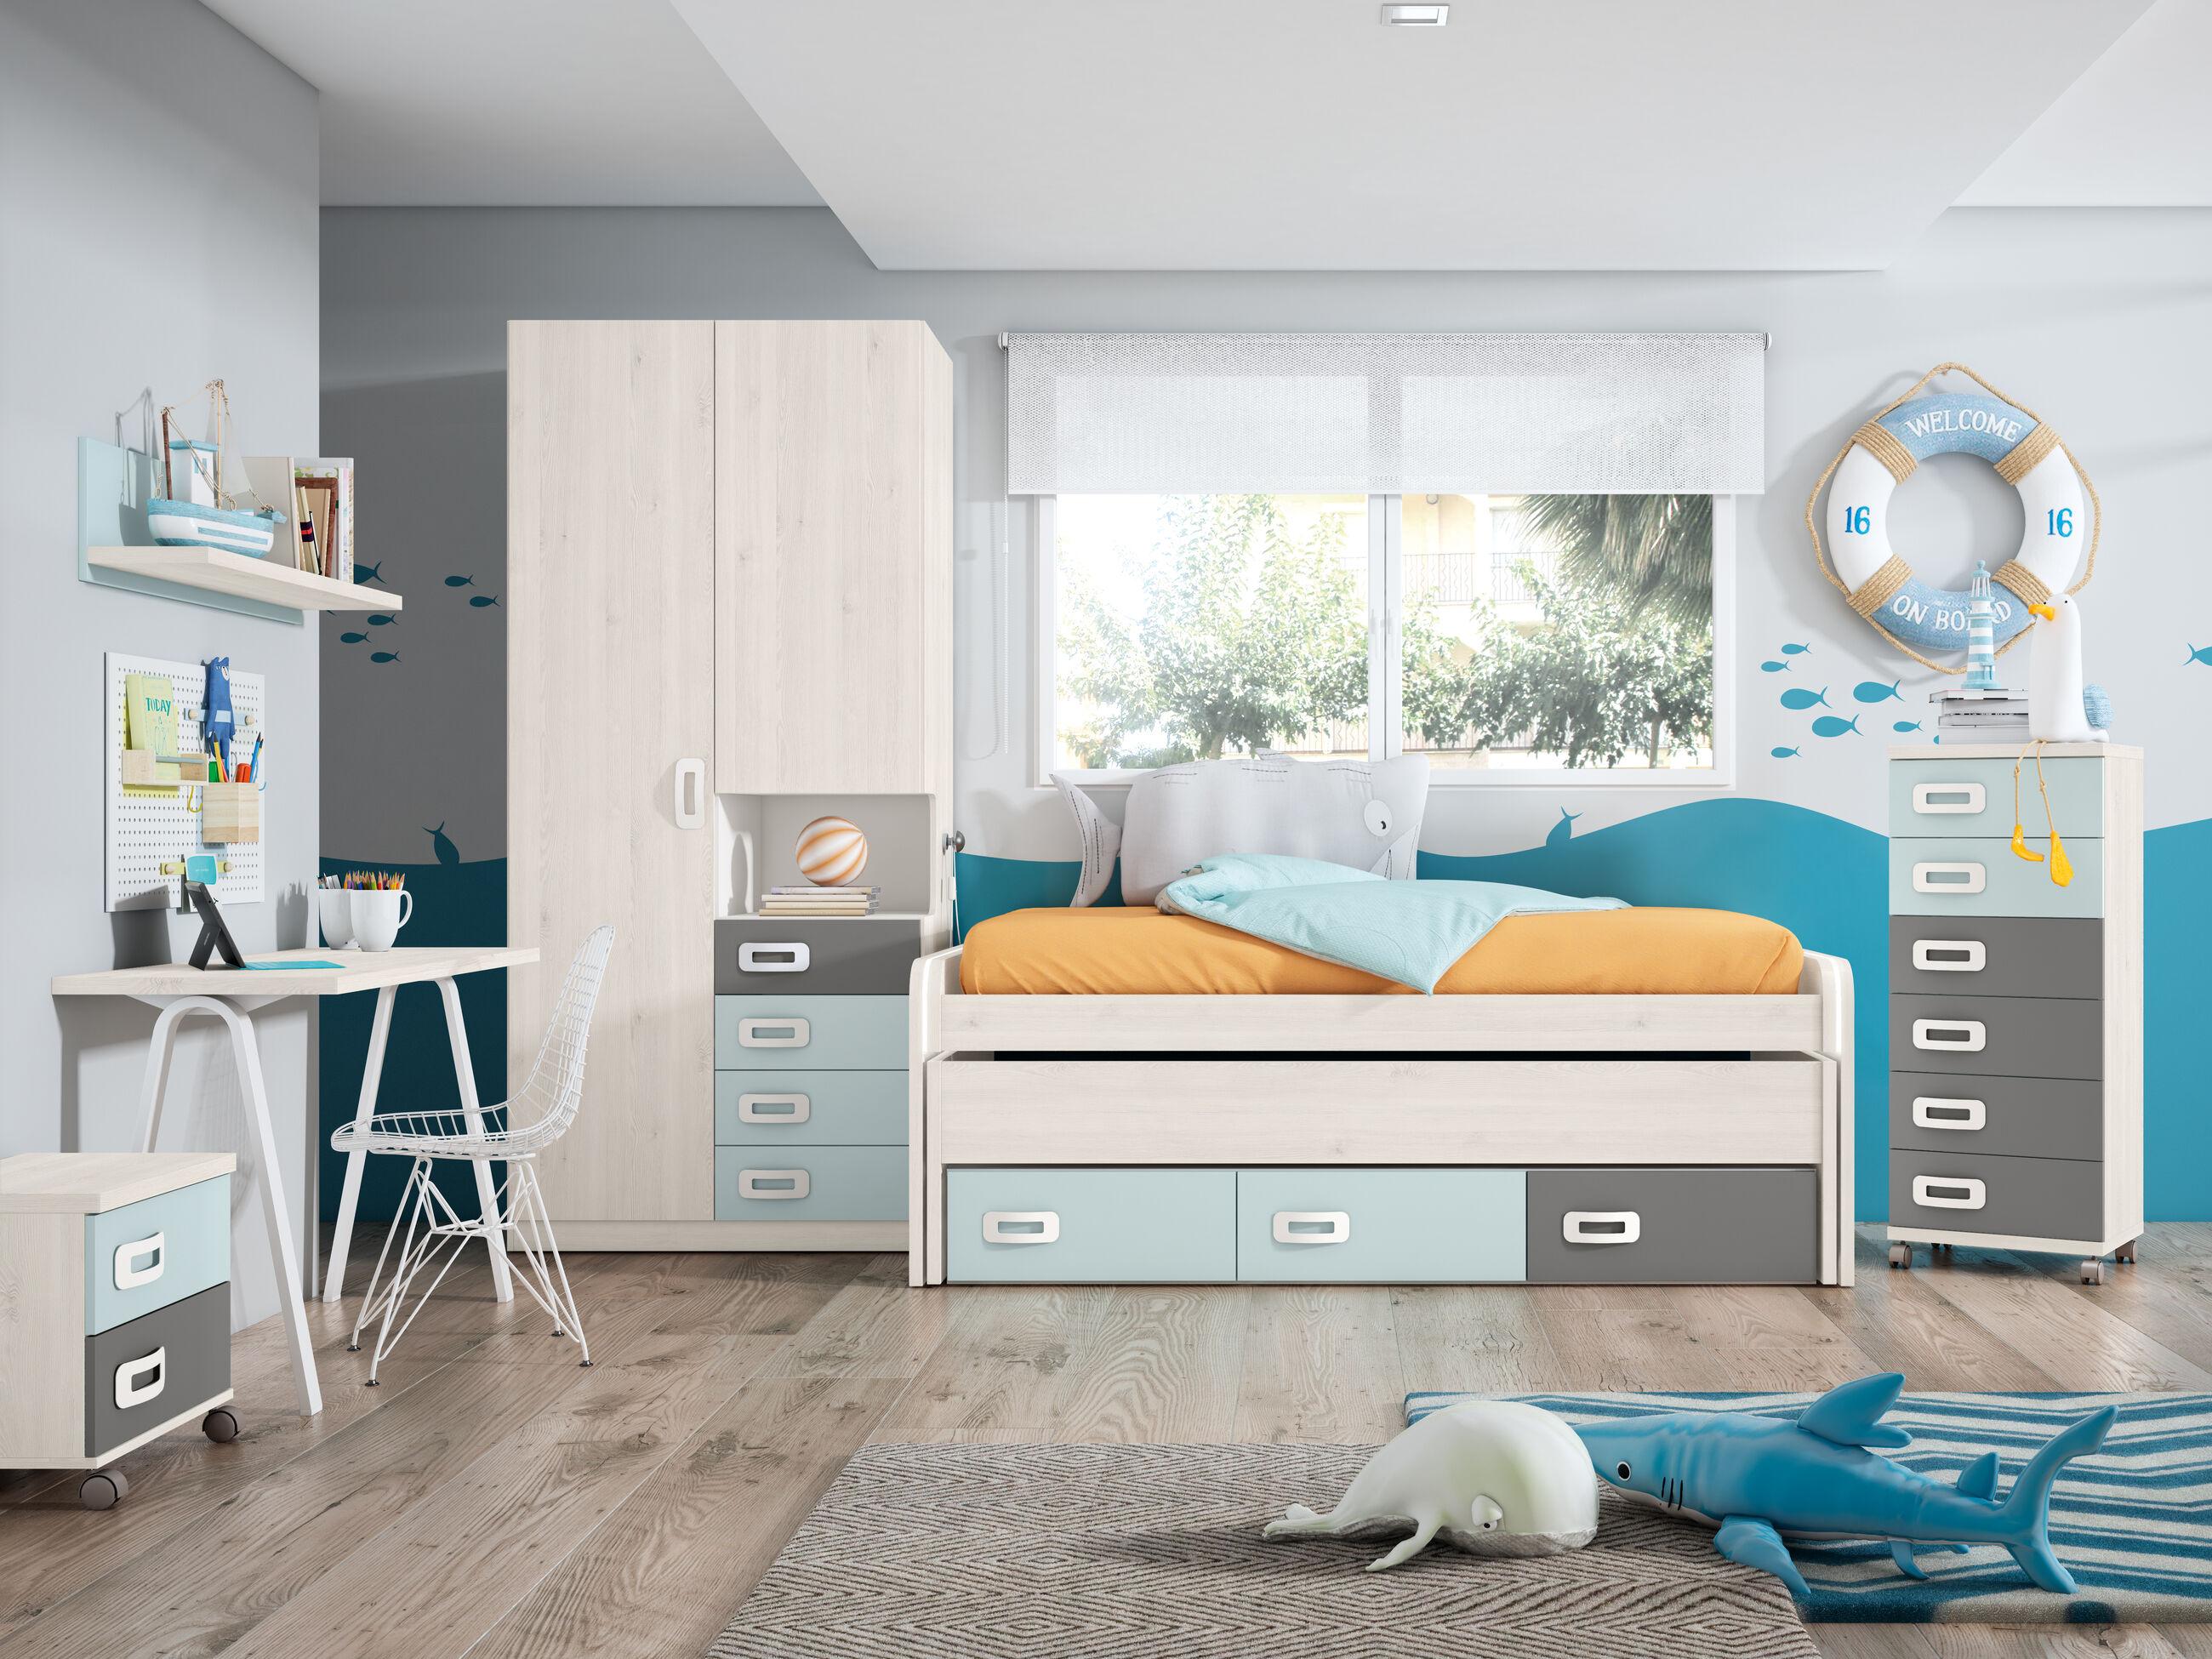 Dormitorio juvenil completo BLANCO NORDIC - AZUL NUBE - GRIS TORMENTA